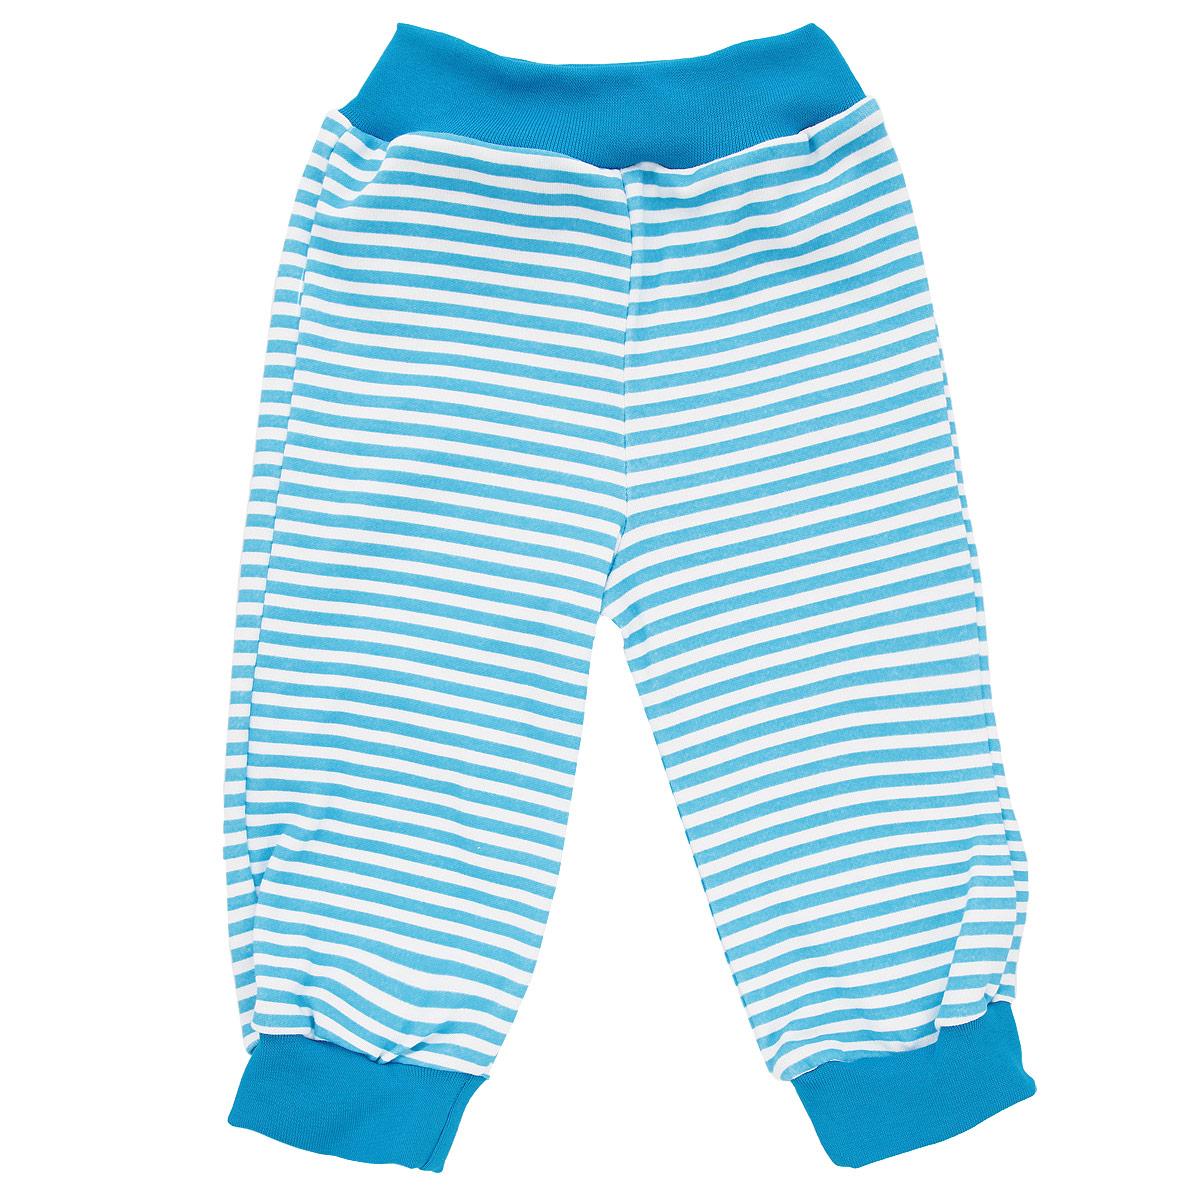 Штанишки на широком поясе для мальчика КотМарКот, цвет: голубой, белый. 3542. Размер 683542Удобные штанишки для мальчика КотМарКот на широком поясе послужат идеальным дополнением к гардеробу вашего малыша. Штанишки, изготовленные из натурального хлопка - интерлока, необычайно мягкие и легкие, не раздражают нежную кожу ребенка и хорошо вентилируются, а эластичные швы приятны телу младенца и не препятствуют его движениям. Штанишки благодаря мягкому эластичному поясу не сдавливают животик ребенка и не сползают, обеспечивая ему наибольший комфорт, идеально подходят для ношения с подгузником и без него. Снизу брючины дополнены широкими трикотажными манжетами, не пережимающими ножку. Оформлено изделие принтом в полоску.Штанишки очень удобный и практичный вид одежды для малышей, которые уже немного подросли. Отлично сочетаются с футболками, кофточками и боди.В таких штанишках вашему малышу будет уютно и комфортно!